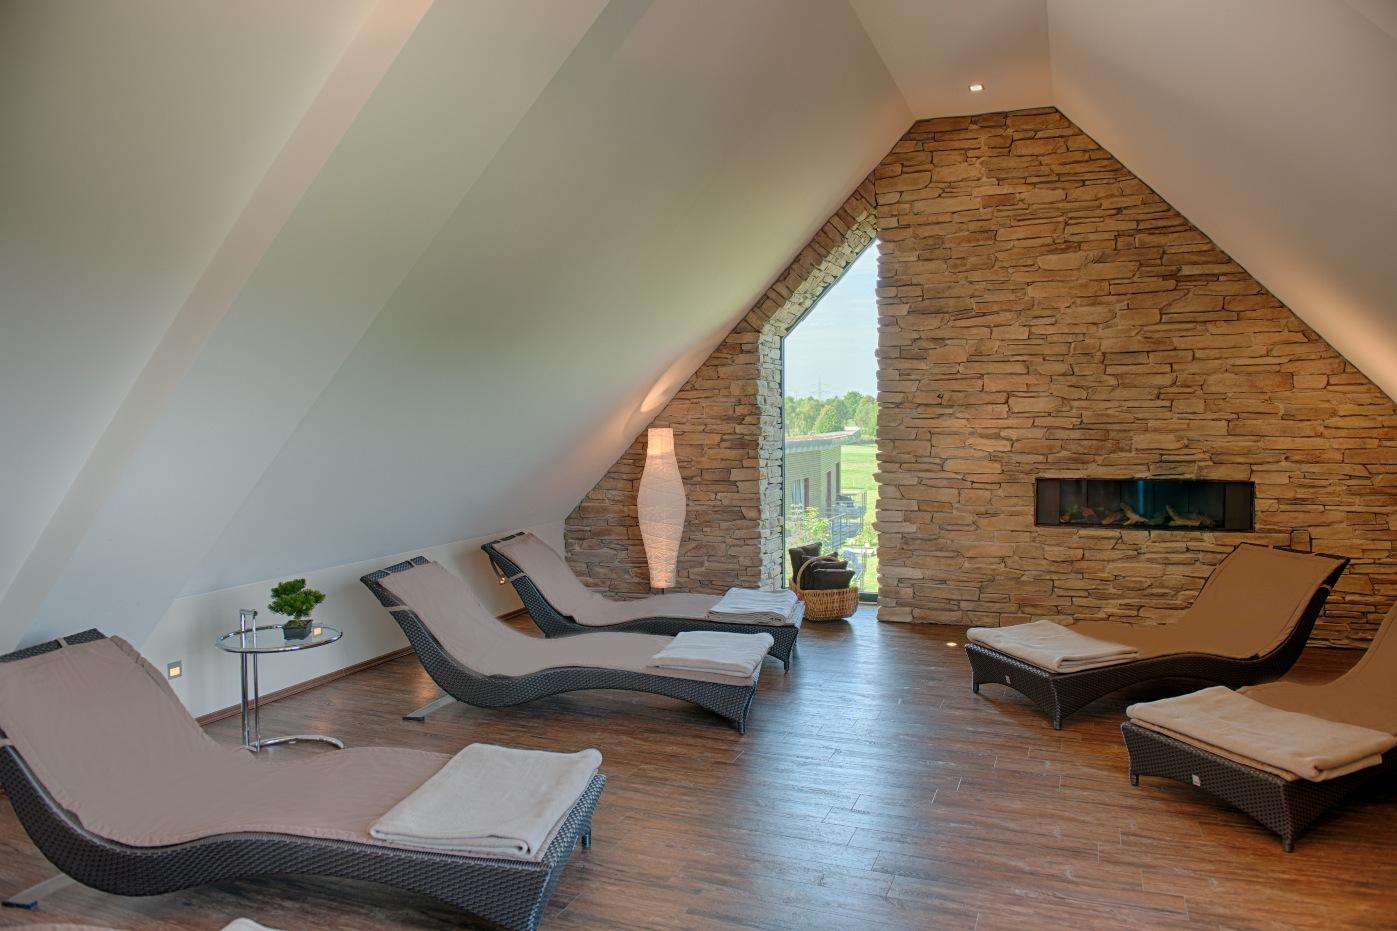 Golfclub gut heckenhof in 53783 eitorf koeln spielt for Design hotel nrw wellness